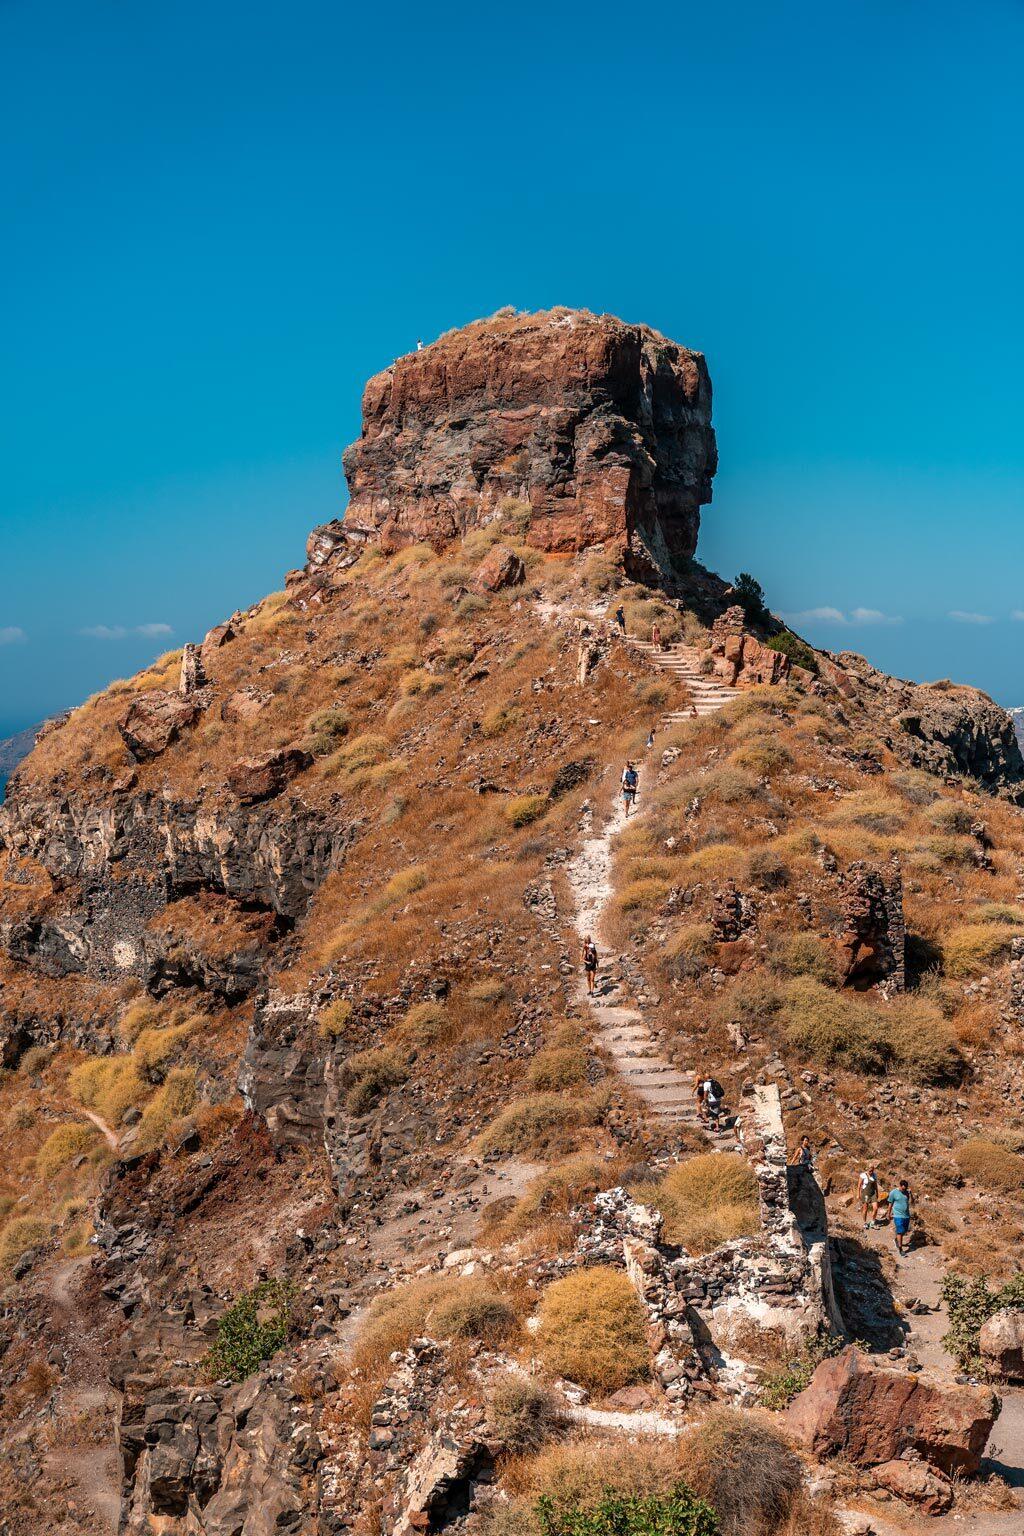 People Climbing to Skaros Rock in Santorini